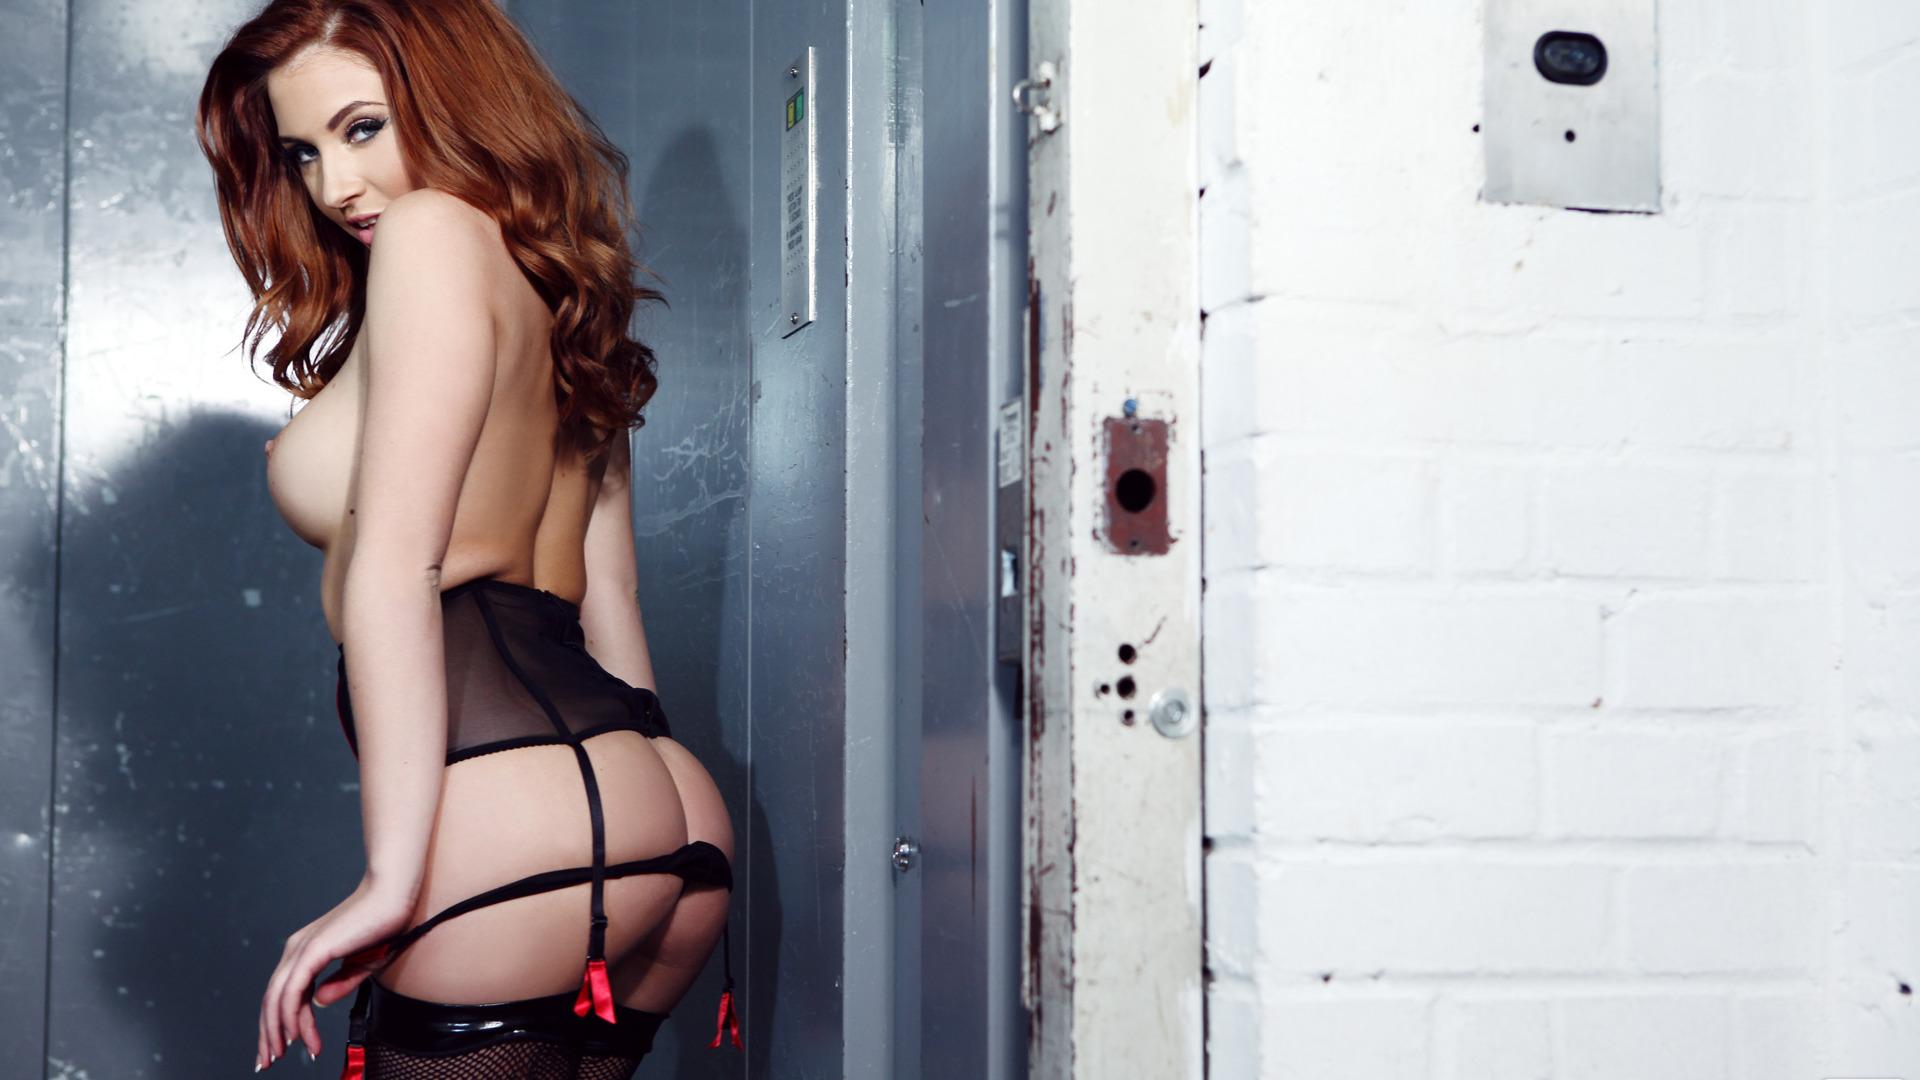 Прозрачное белье на рыжей, Мишель рыжая девчонка в прозрачном белье 9 фотография